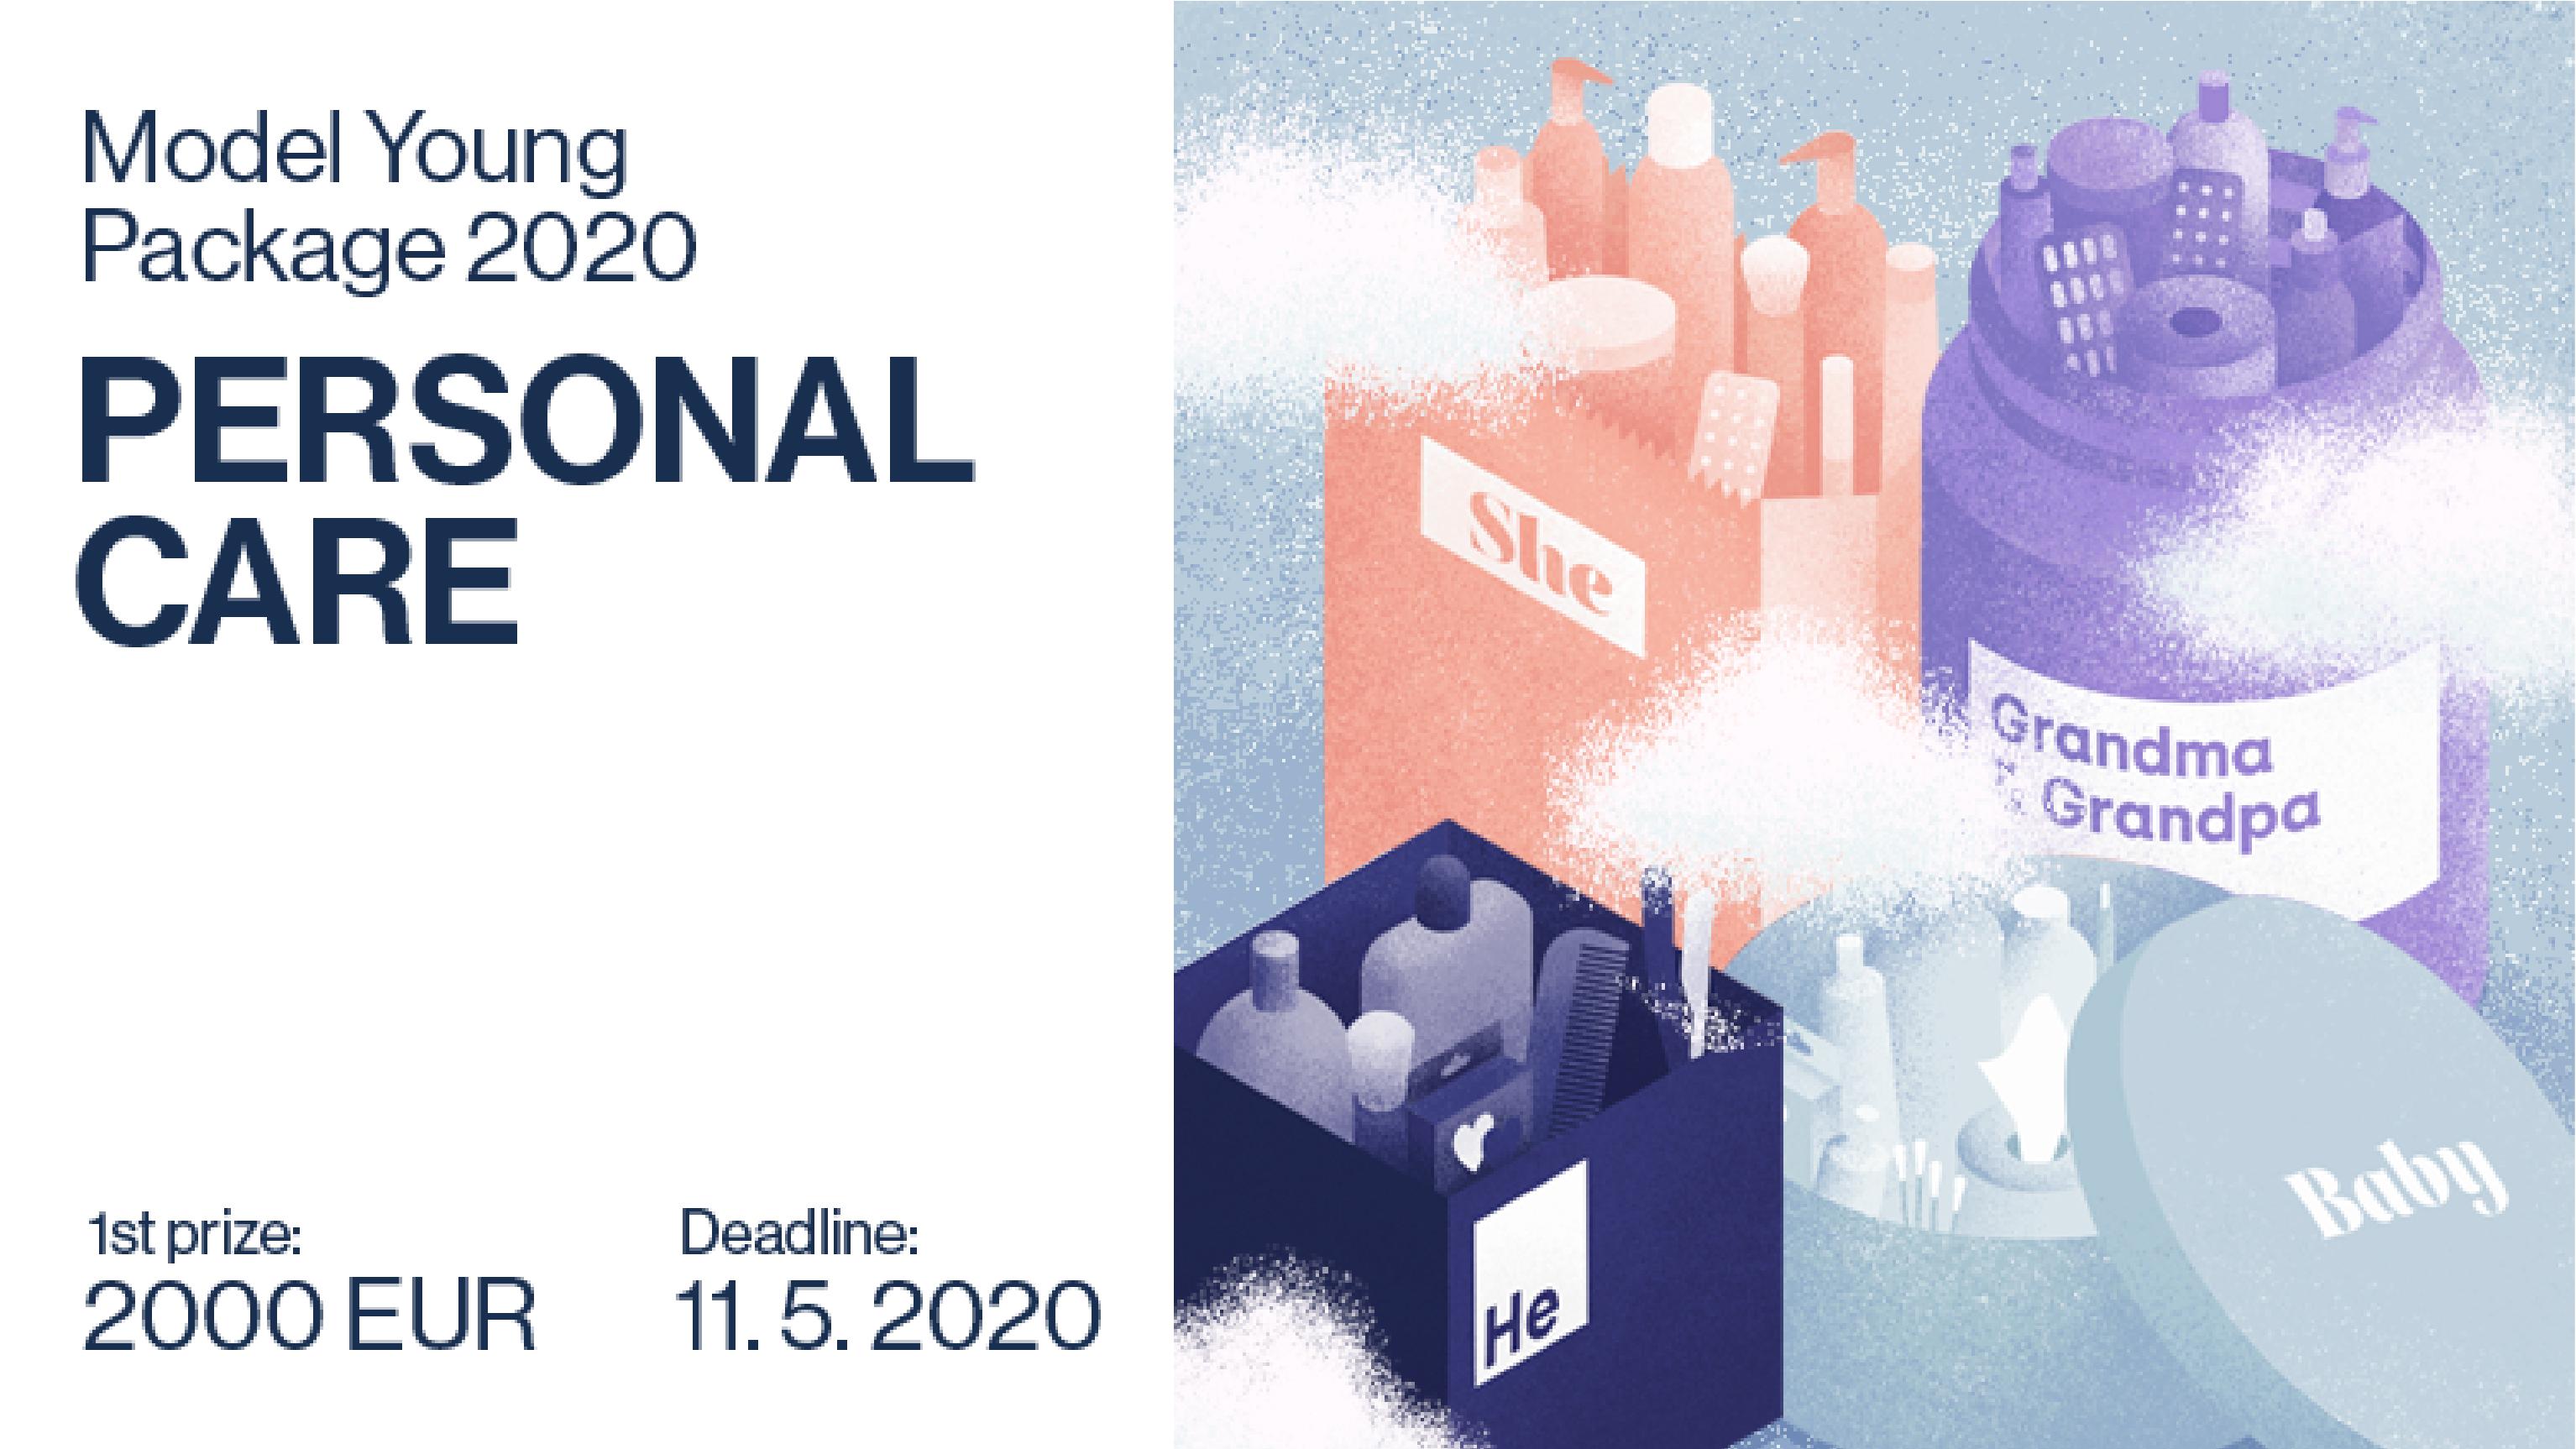 فراخوان Model Young Package 2020 – مسابقات بینالمللی طراحی بستهبندی